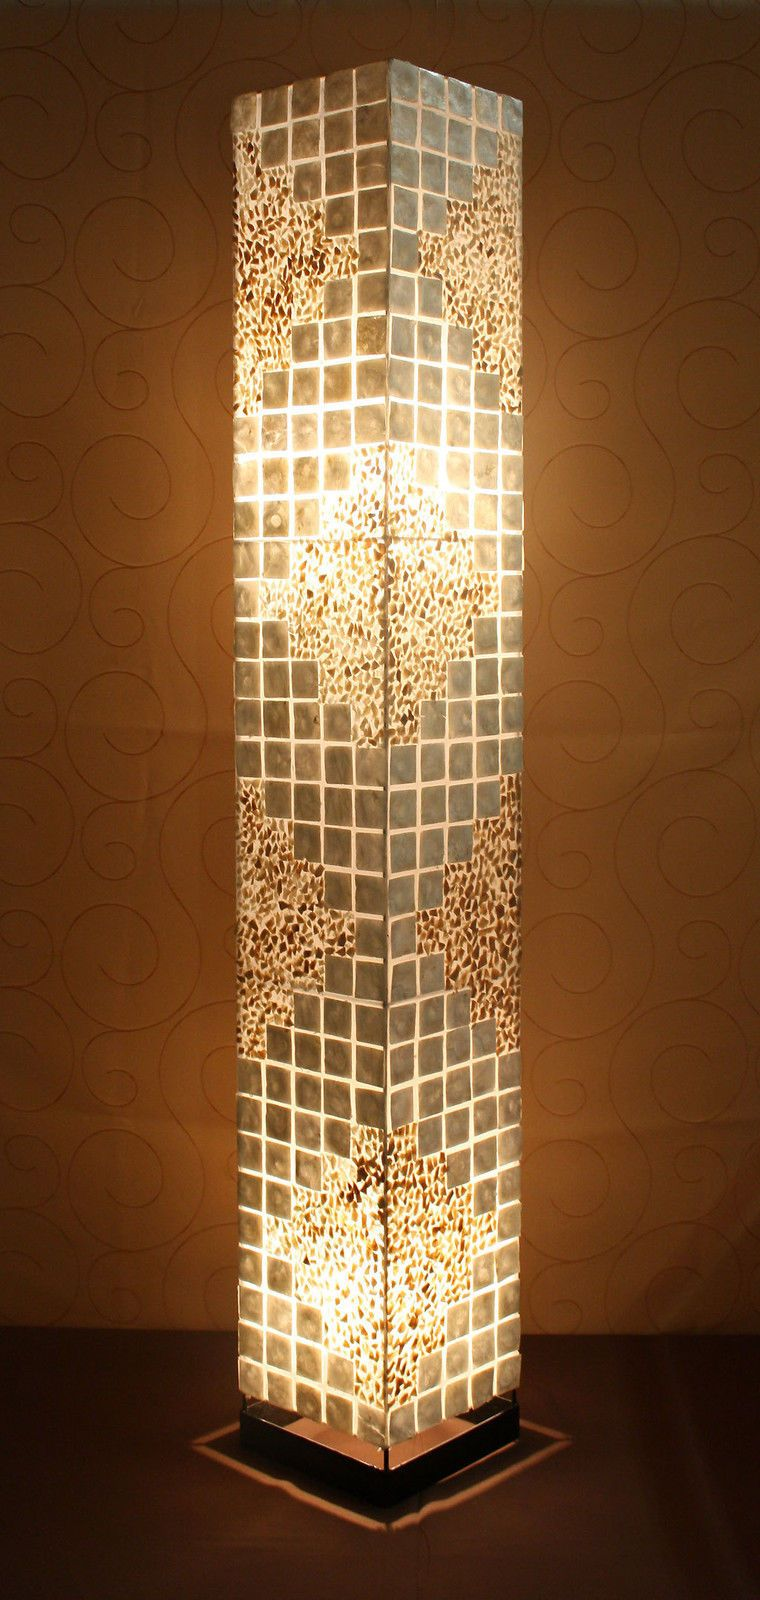 Asiatische Stehleuchte Perlmutt Asia Lampen Stehlampen Designer